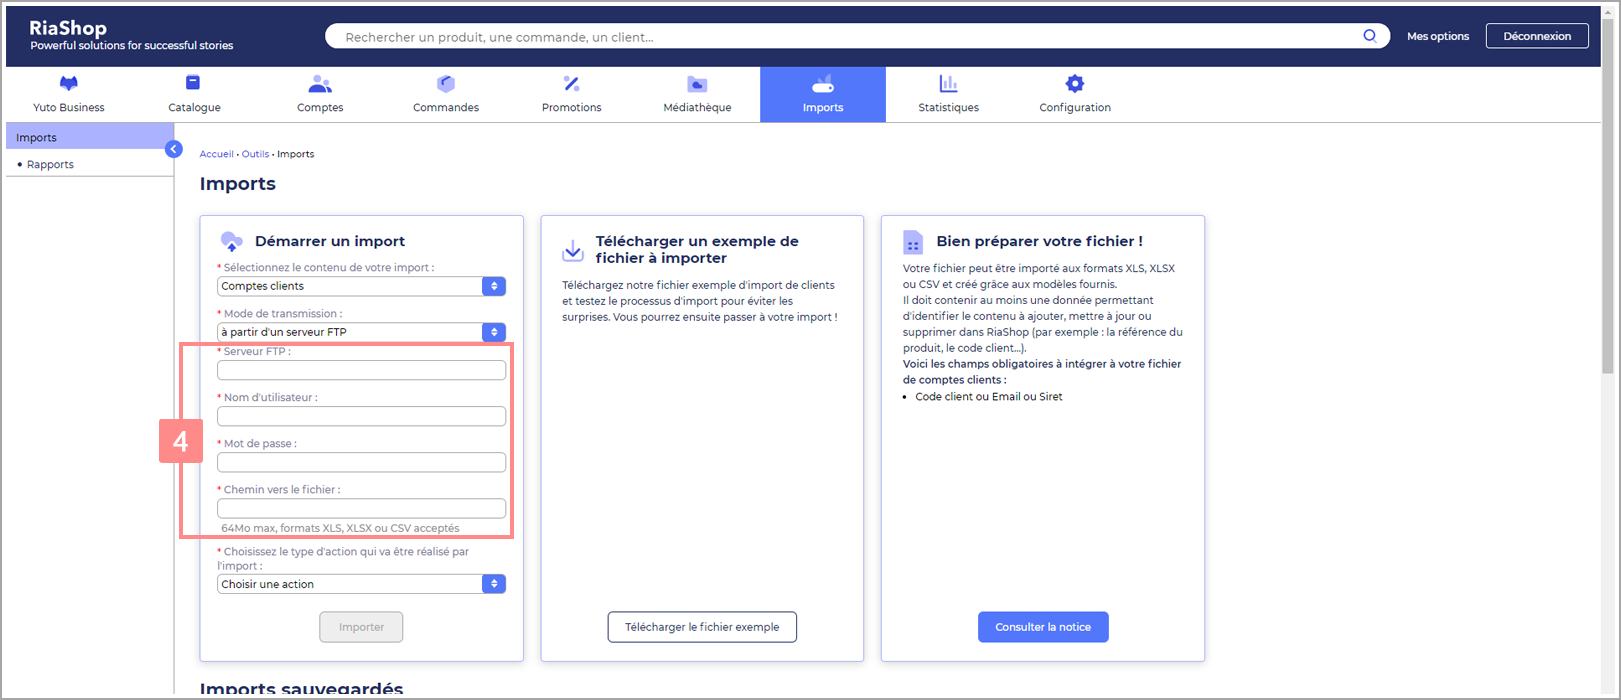 Transmission des comptes clients par un serveur FTP dans RiaShop - Aide Yuto Business